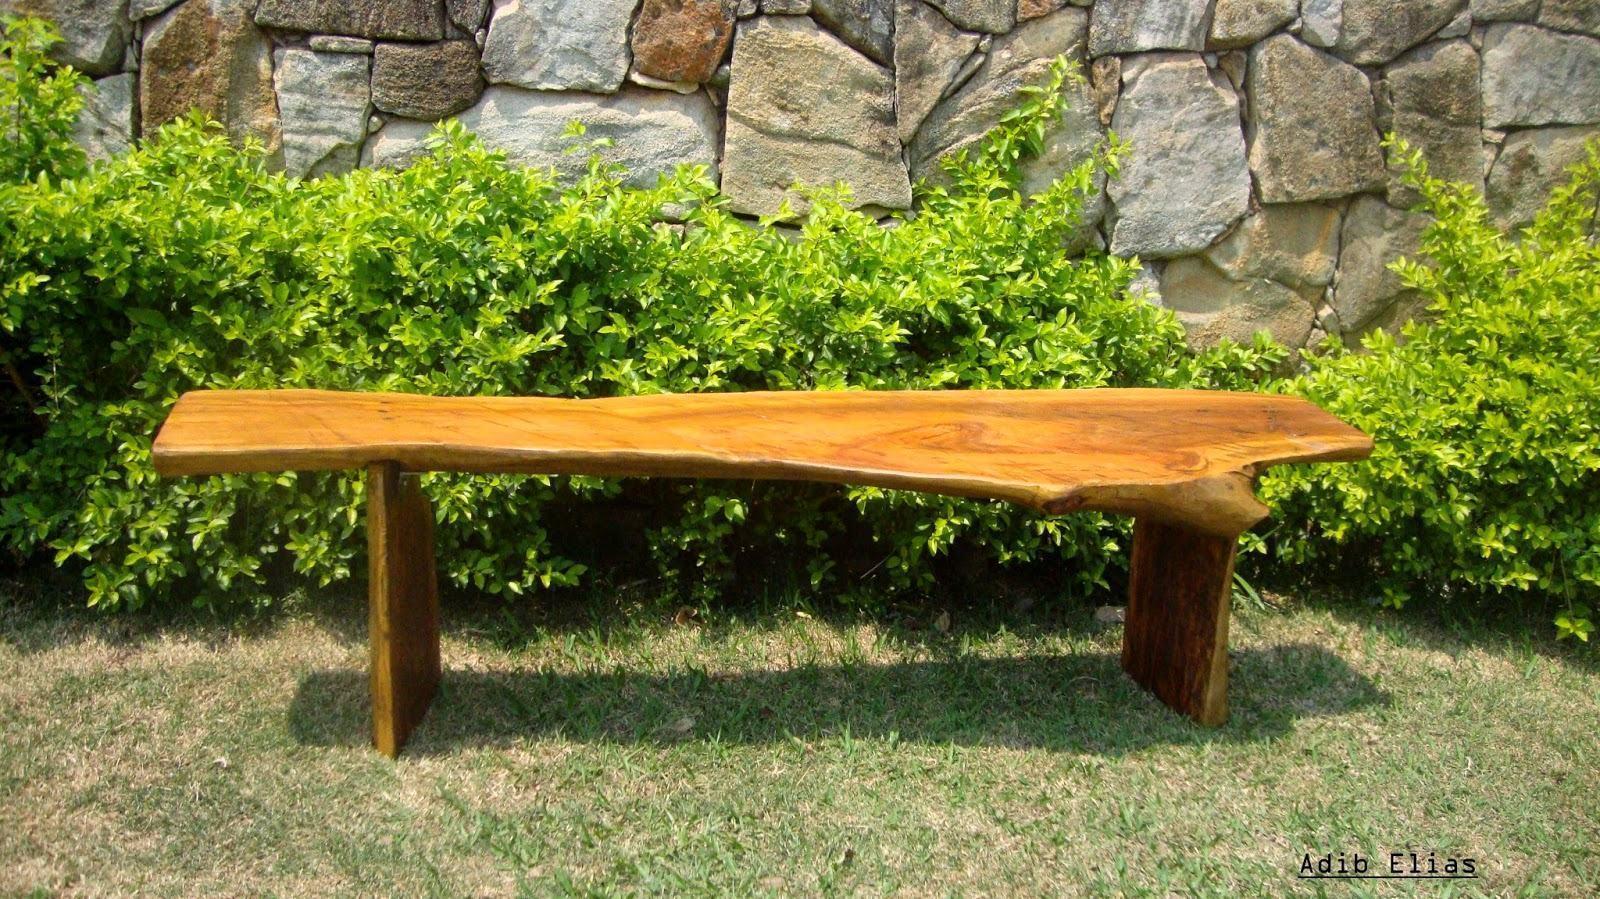 Banco de jardim rustico de madeira